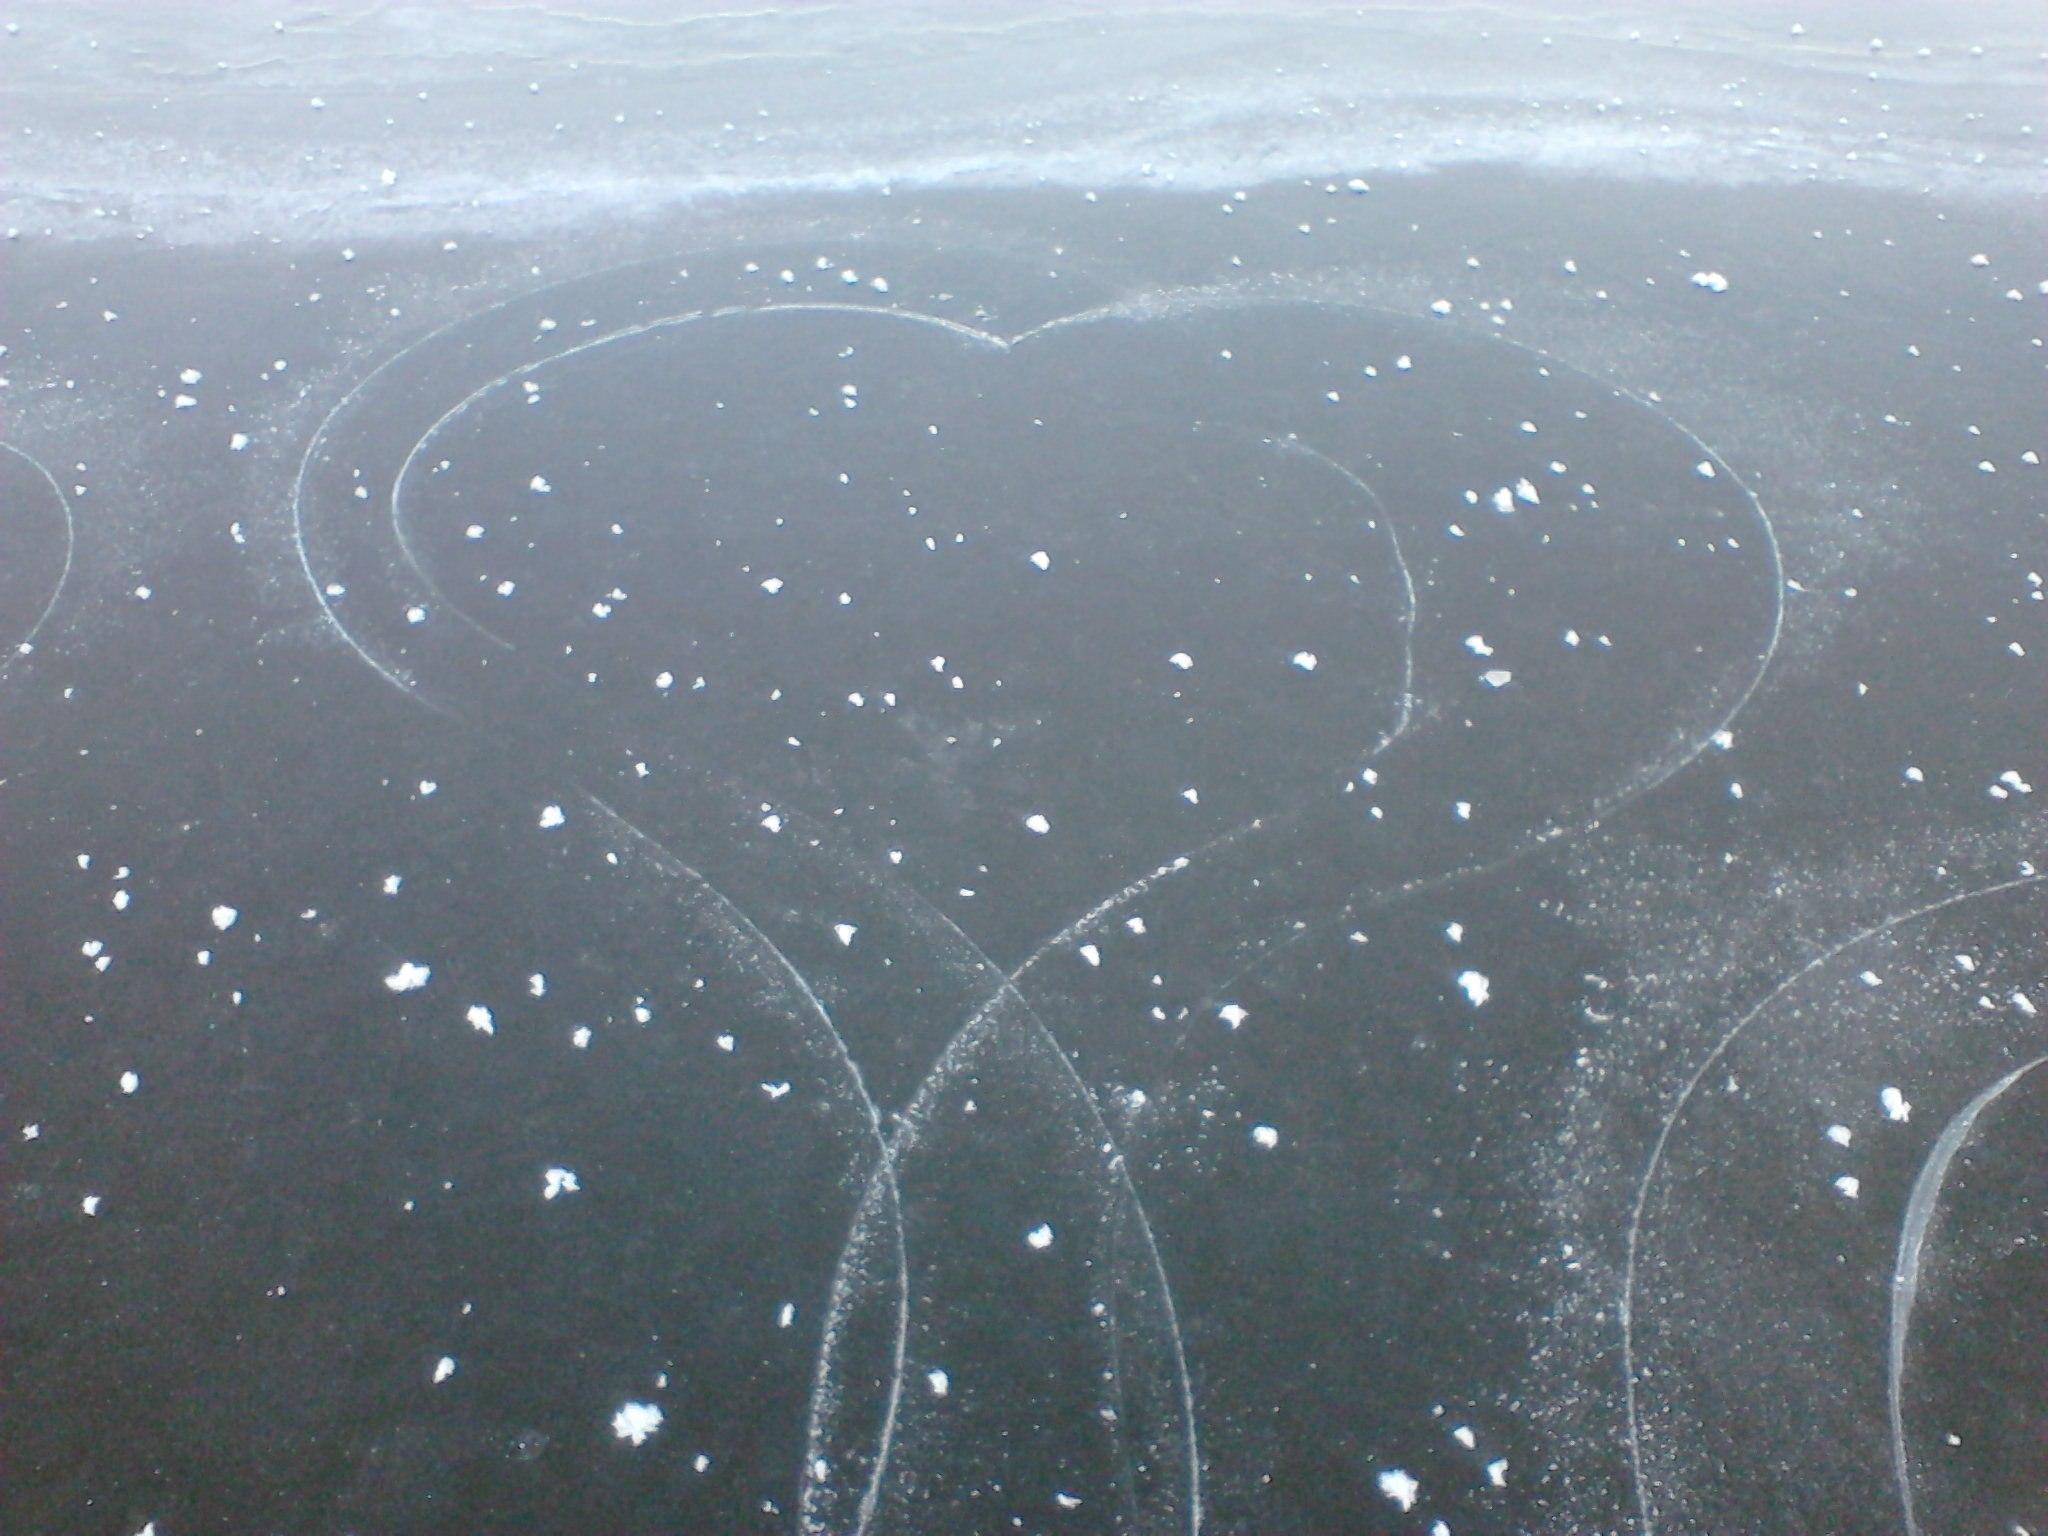 Фигуры высшего любовного пилотажа №3. (27.11.2013)